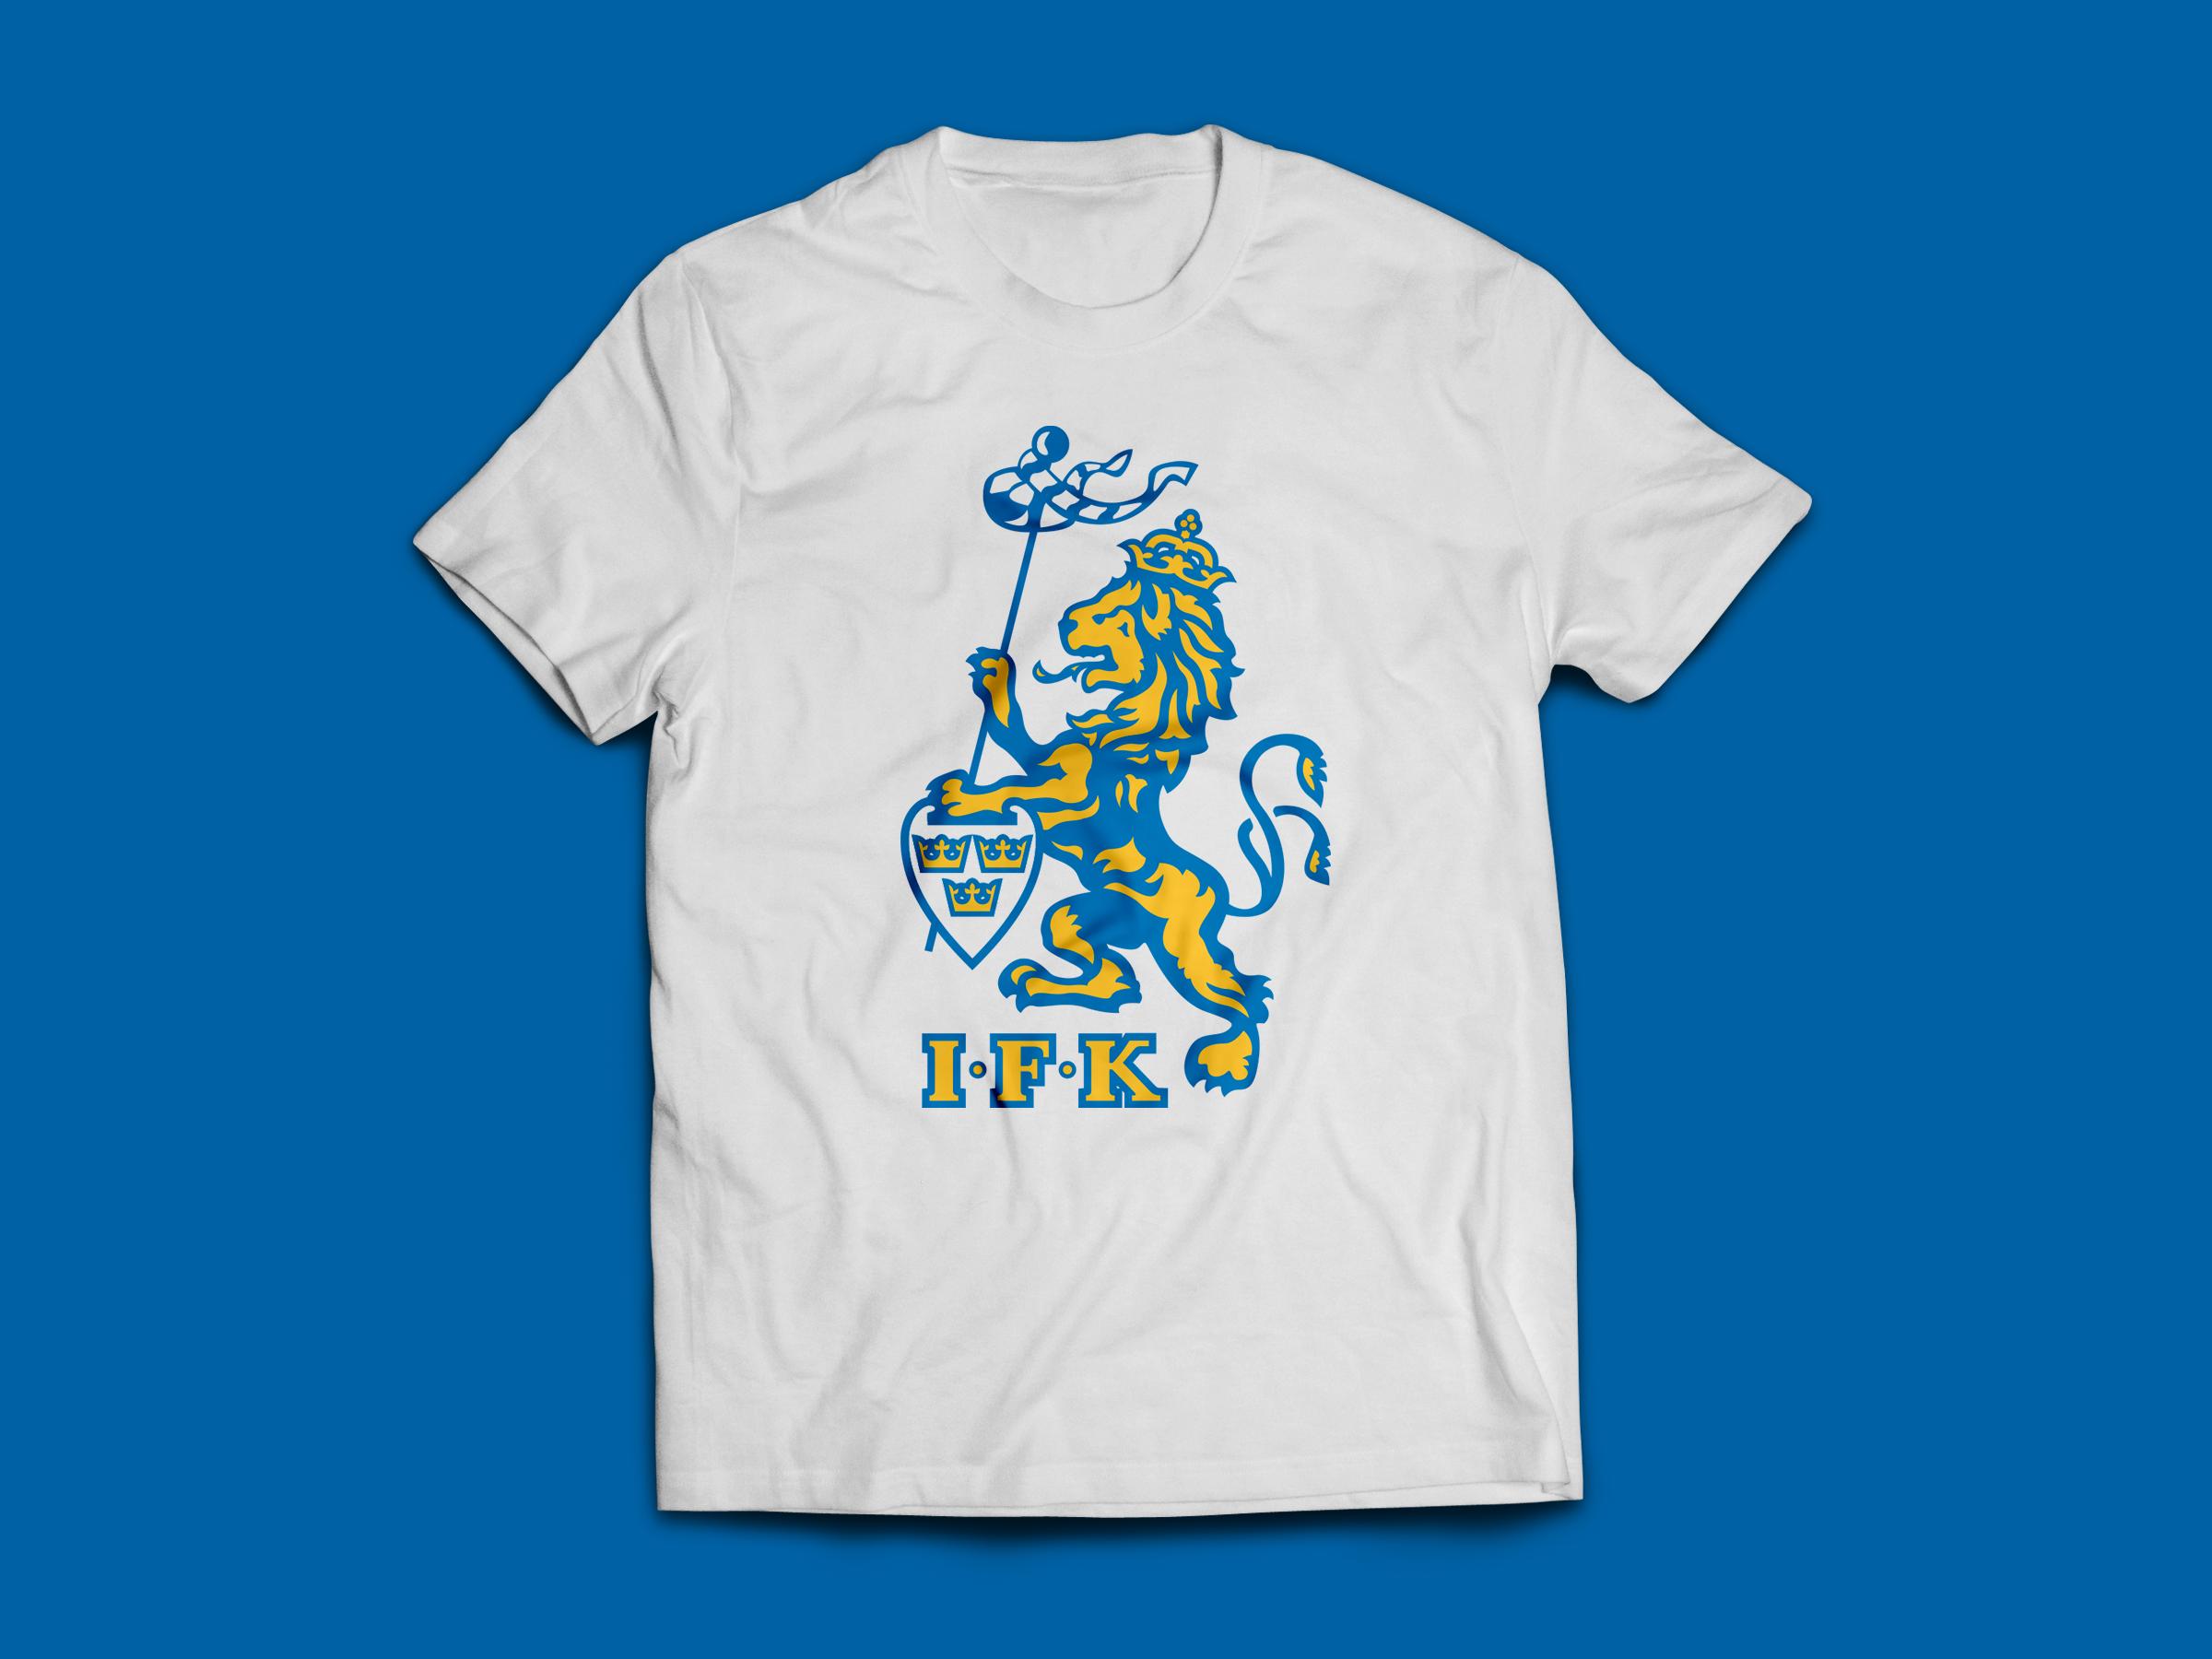 IFK Göteborg Shirt Design 2.png